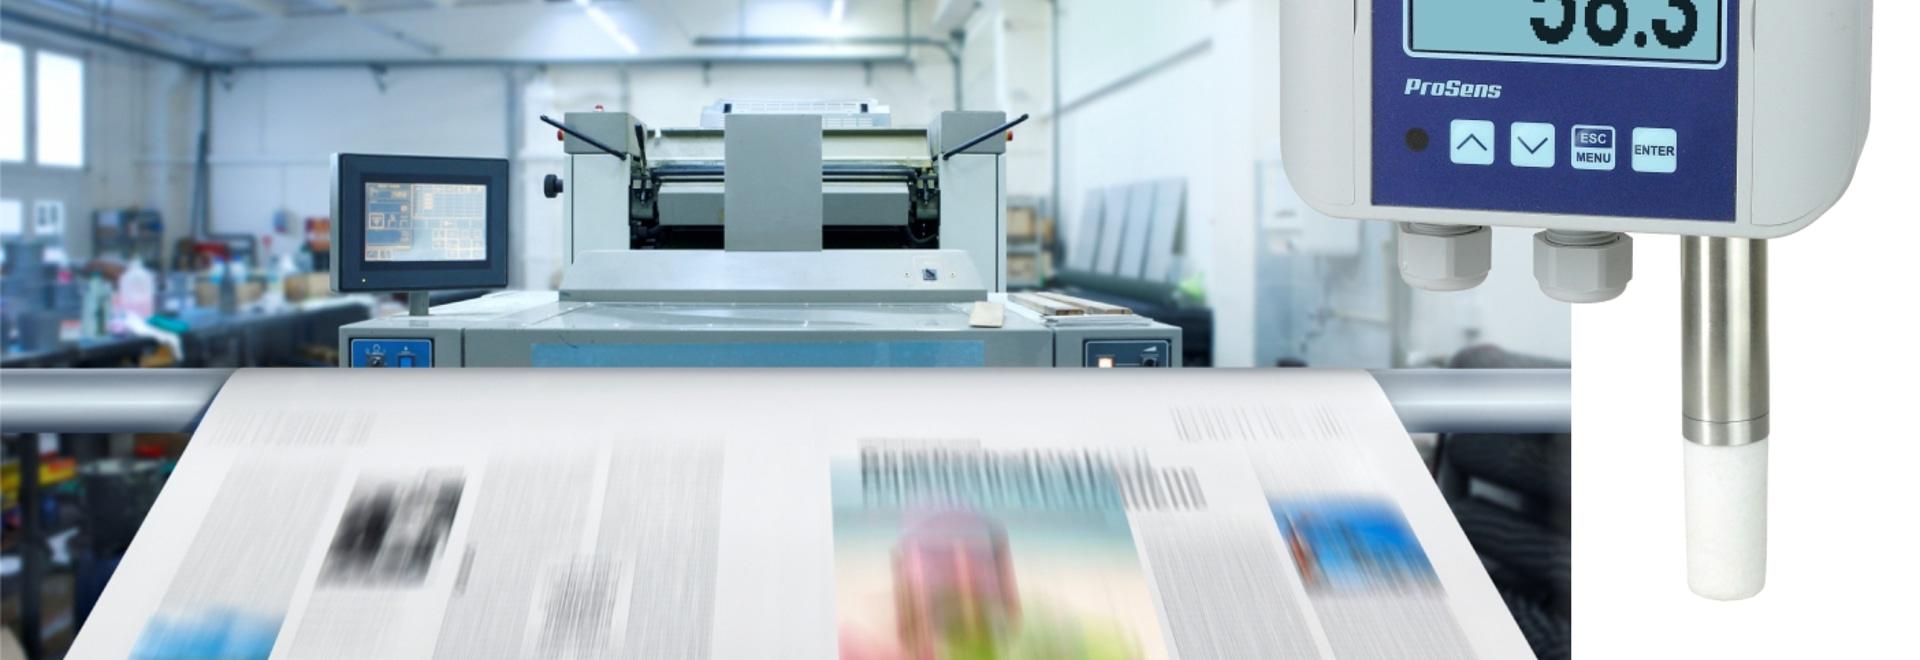 Anwendung #10: Überwachung von Temperatur und Luftfeuchtigkeit mit ProSens in der Druckerei